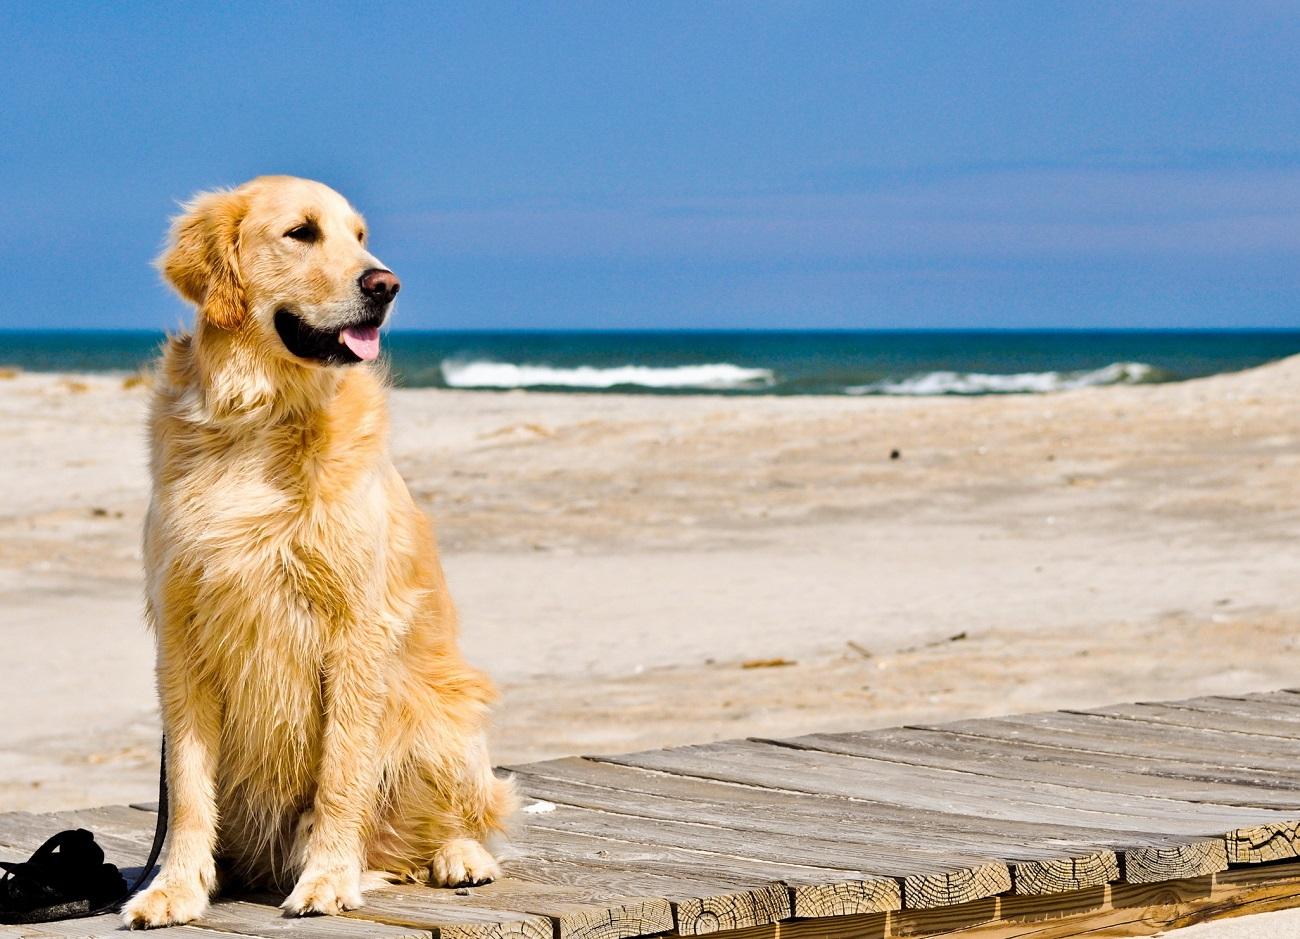 Foto de un perro en la playa disfrutando de sol y del mar sobre una pasarela de madera